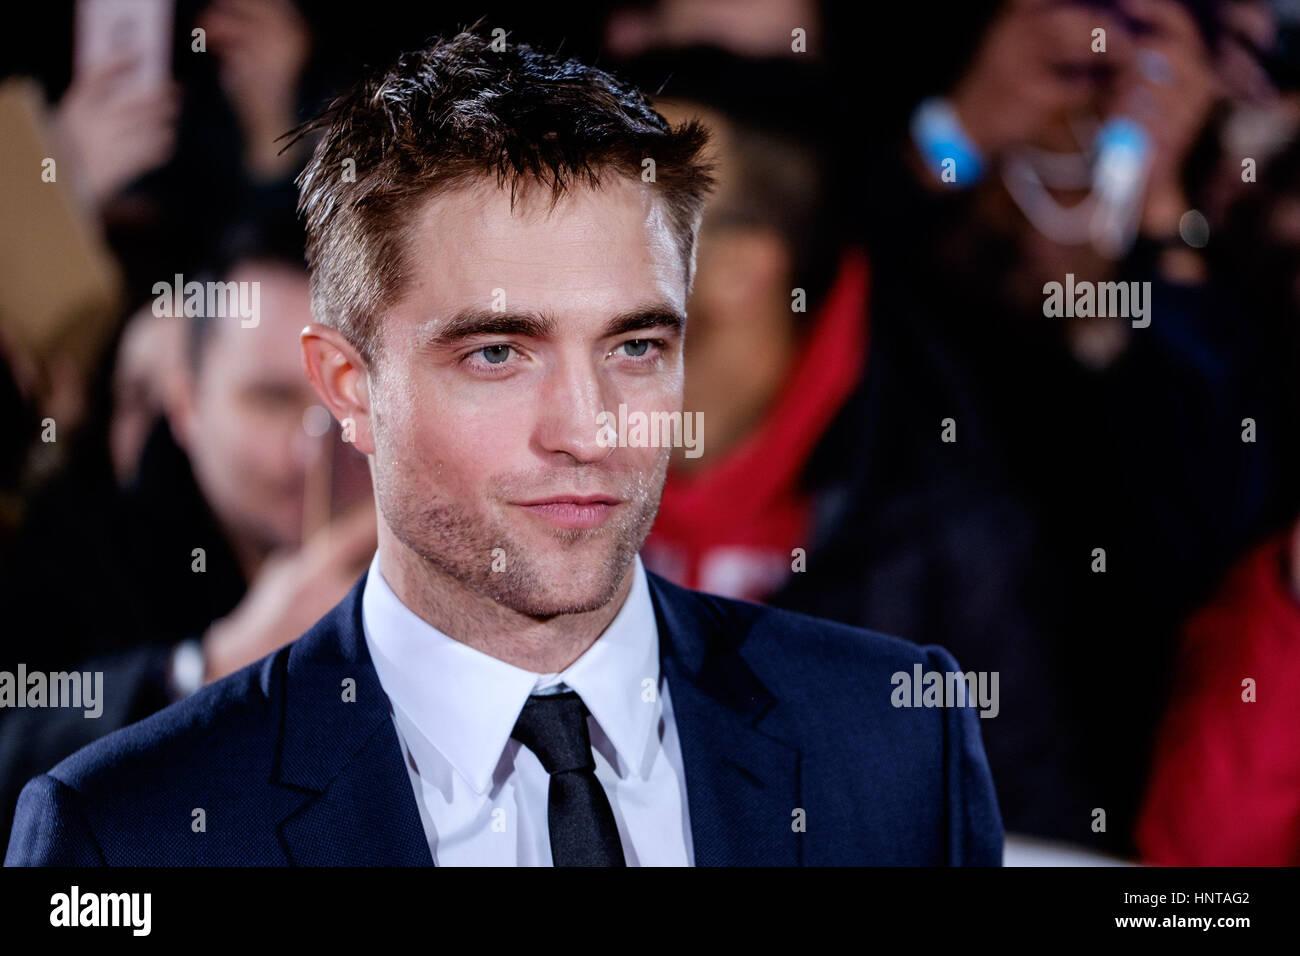 Londres, Royaume-Uni. 16 février 2017. Robert Pattinson arrive à la première UK de la cité perdue Photo Stock